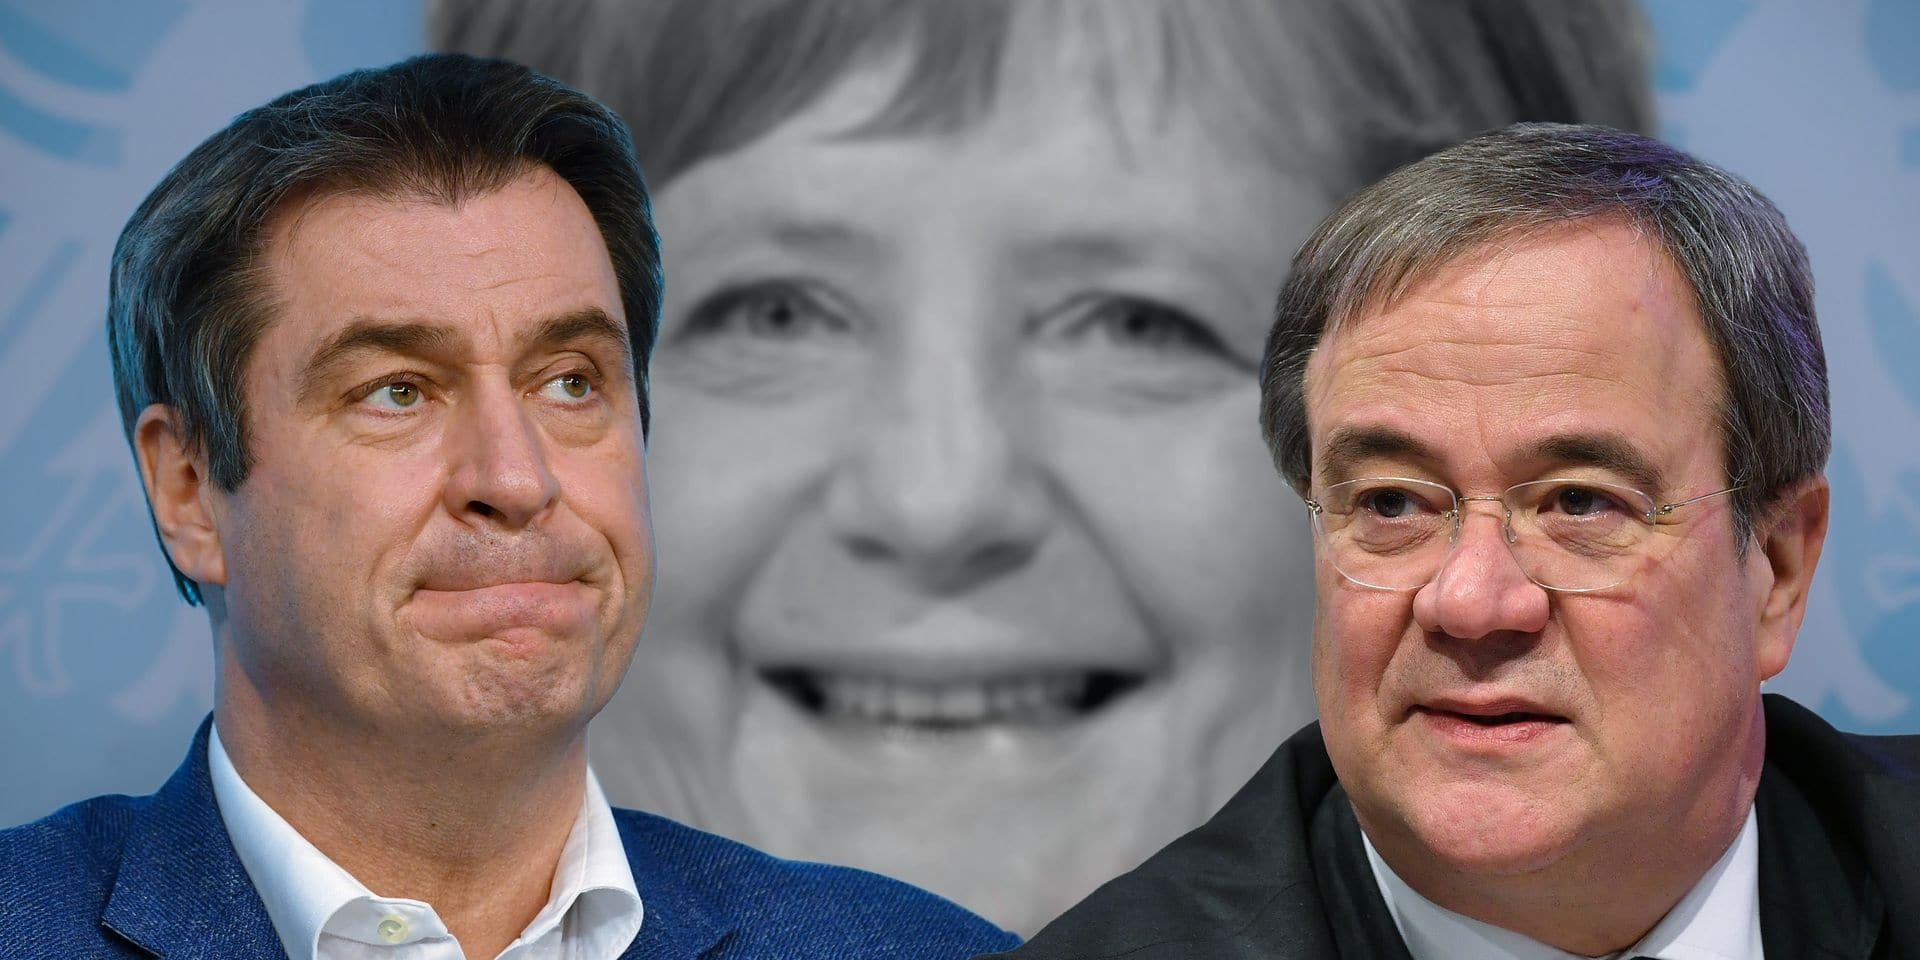 Qui succèdera à Angela Merkel à la tête des conservateurs ? Le duel est déclaré